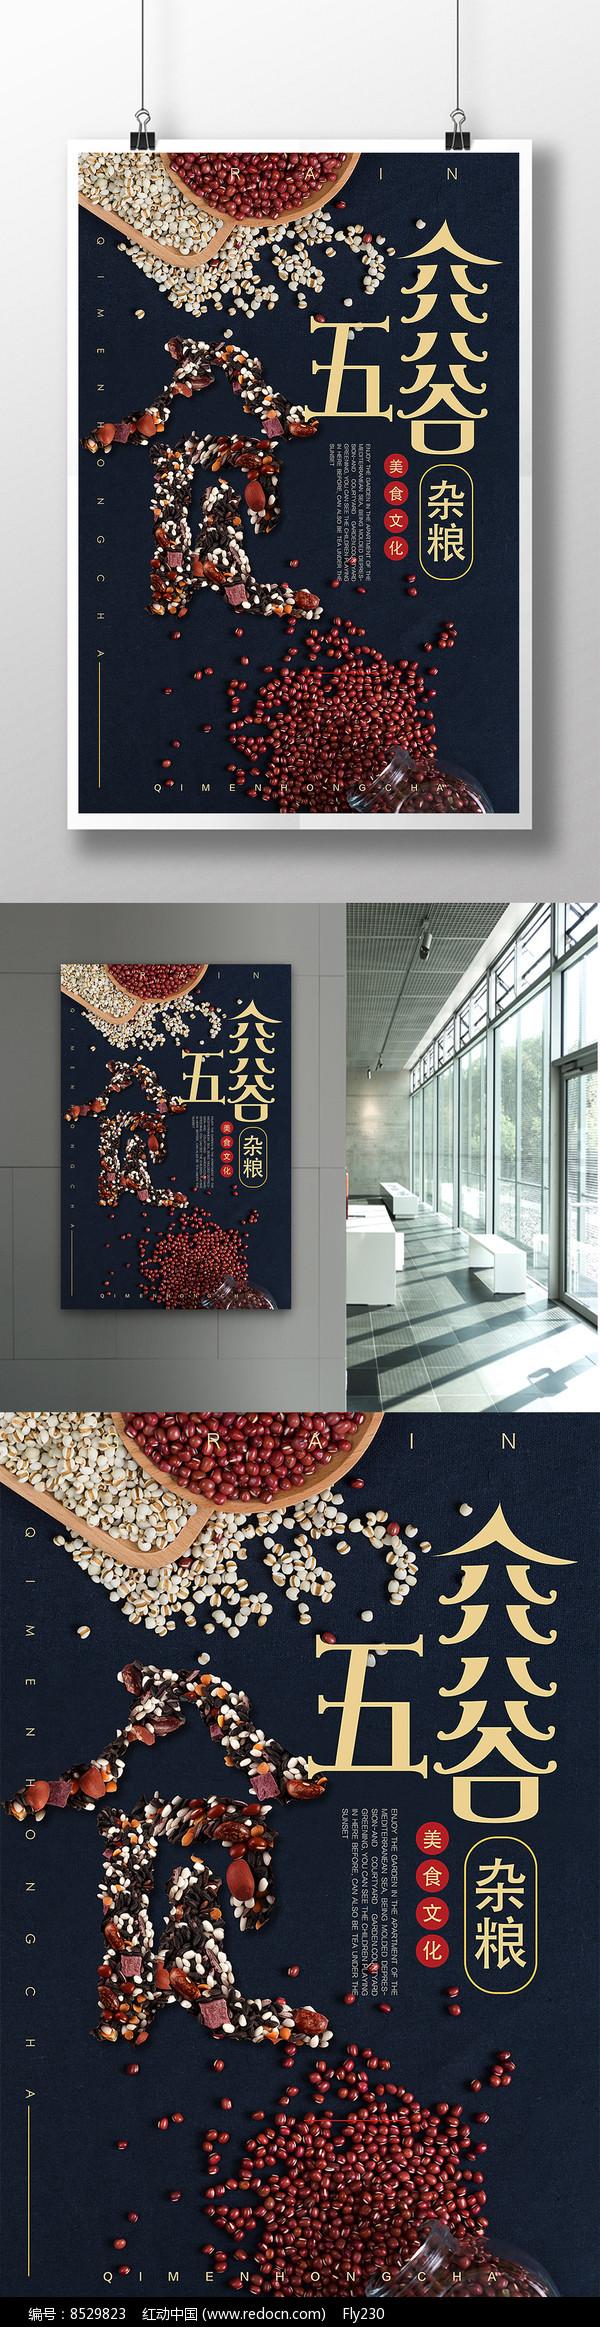 创意中国风五谷杂粮海报图片